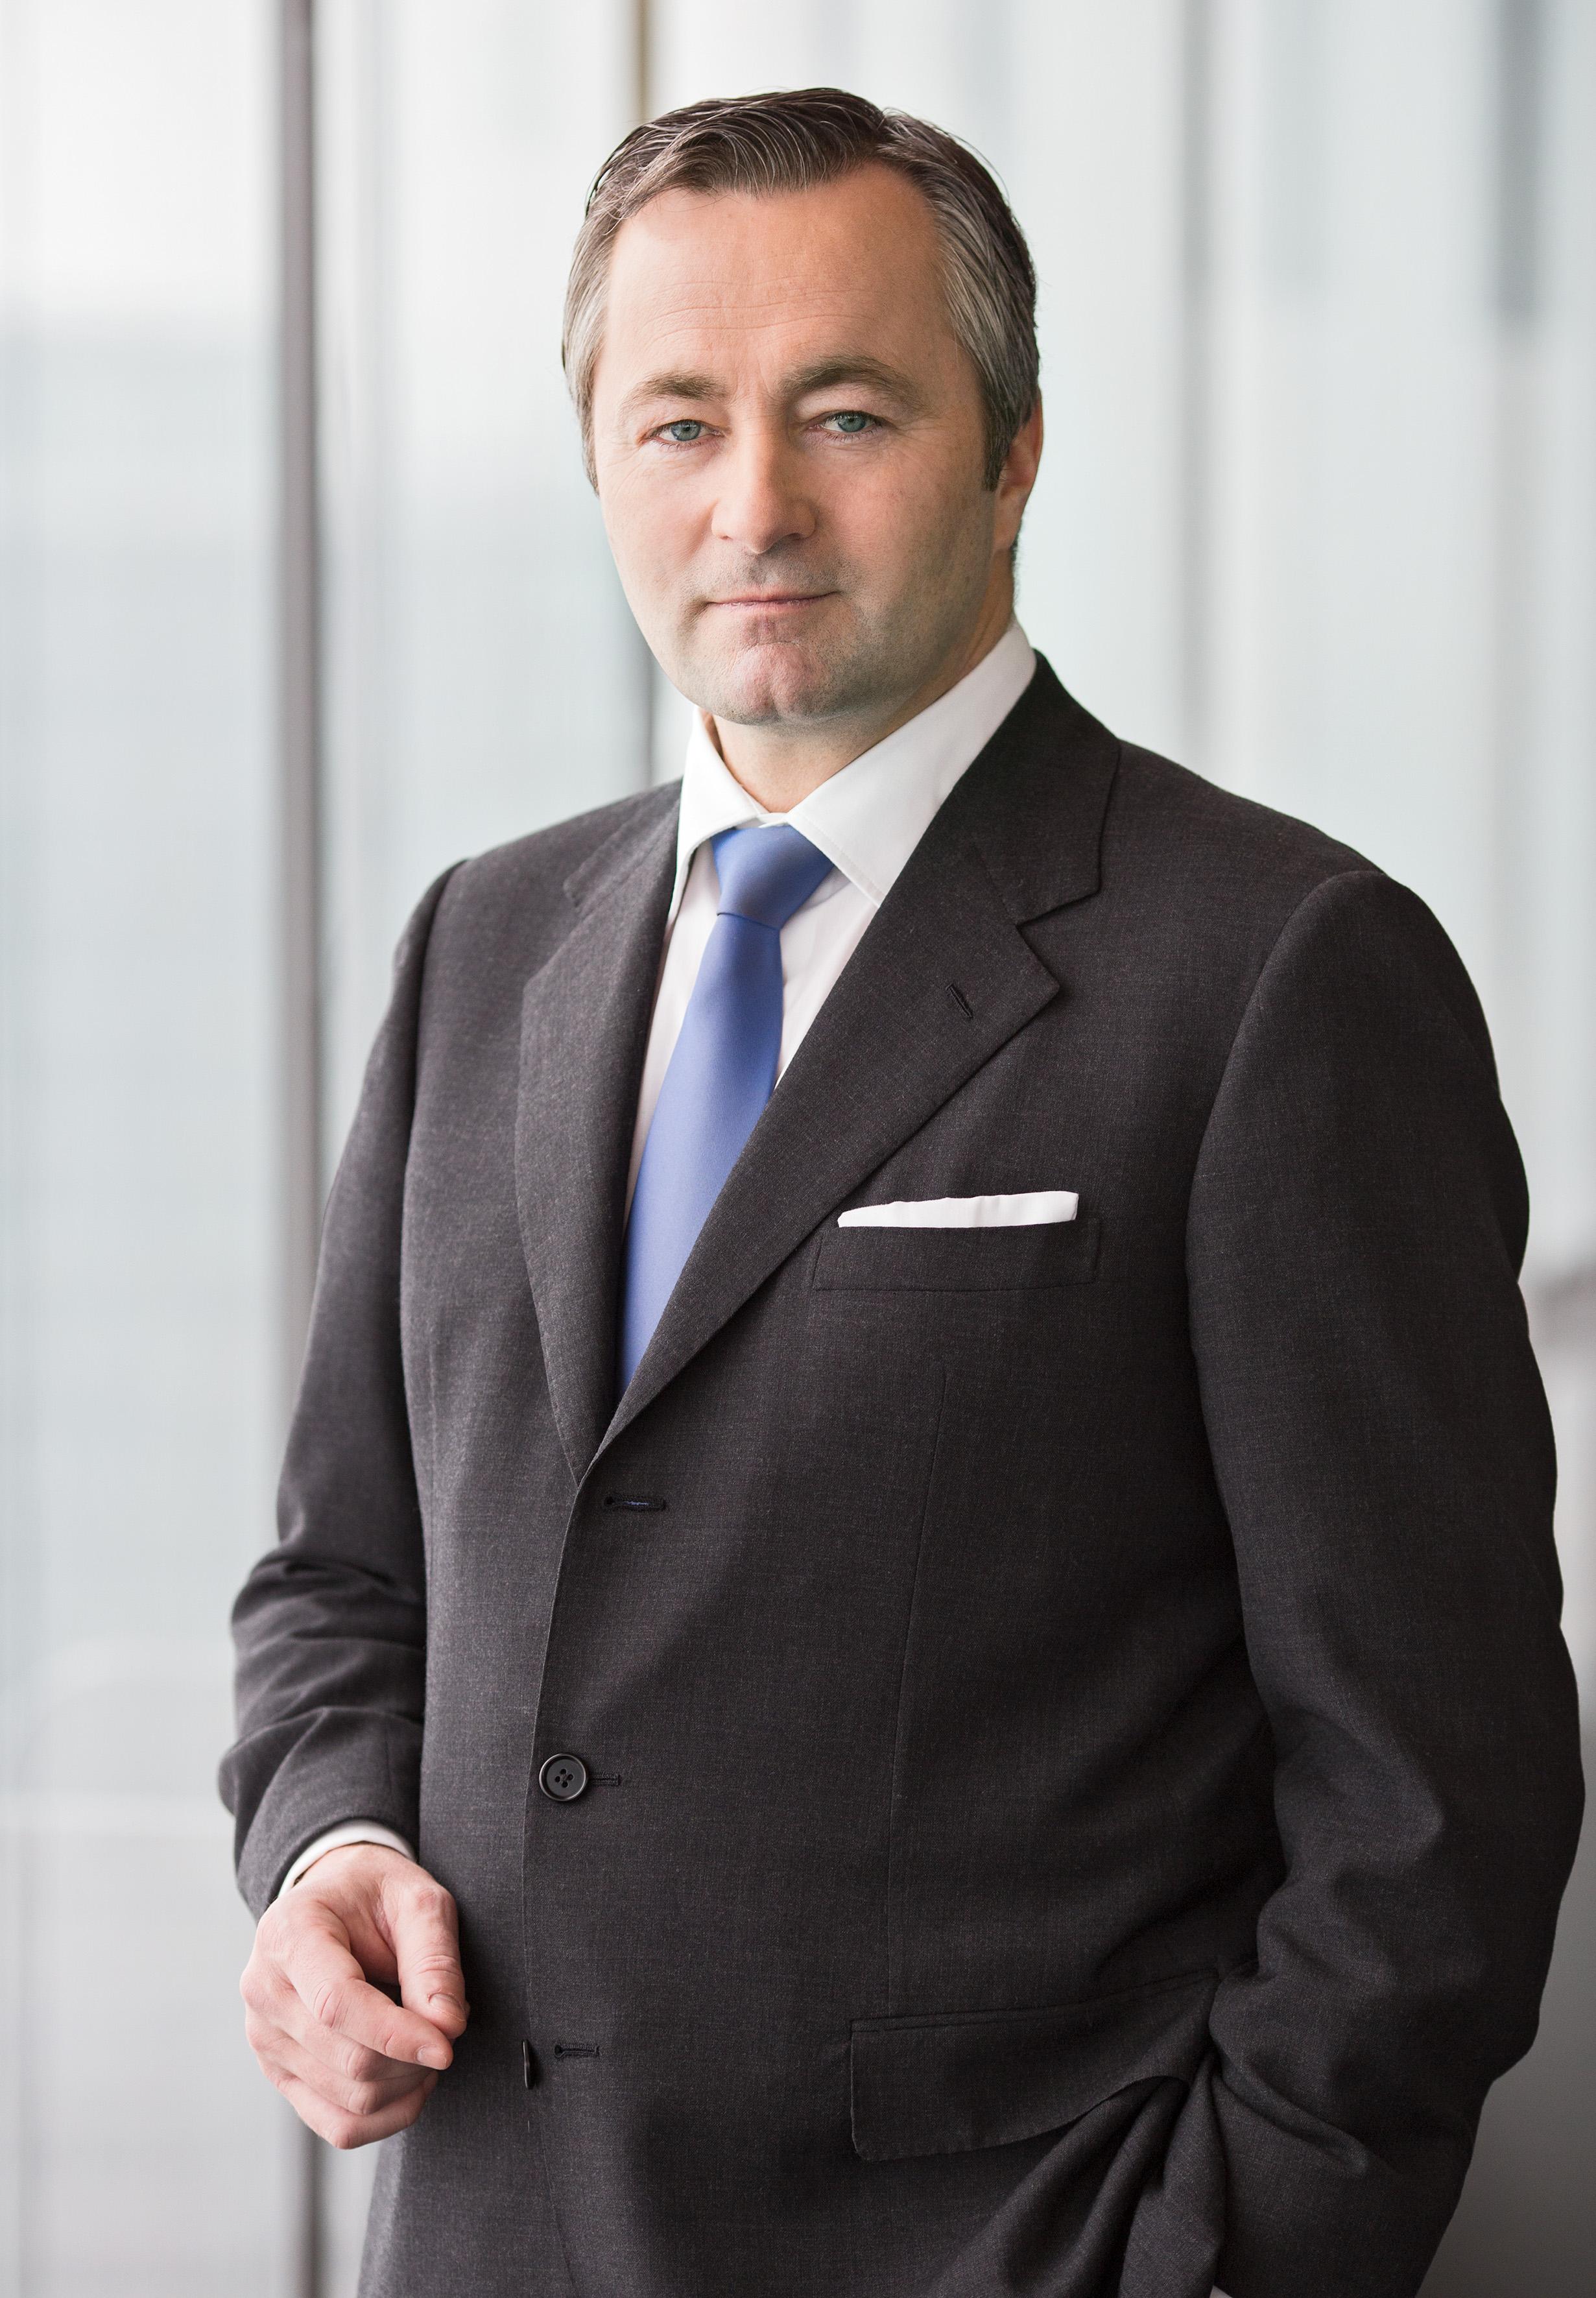 Hannes Ametsreiter soll im Oktober CEO von Vodafone Deutschland werden. (Bild: Telekom Austria)